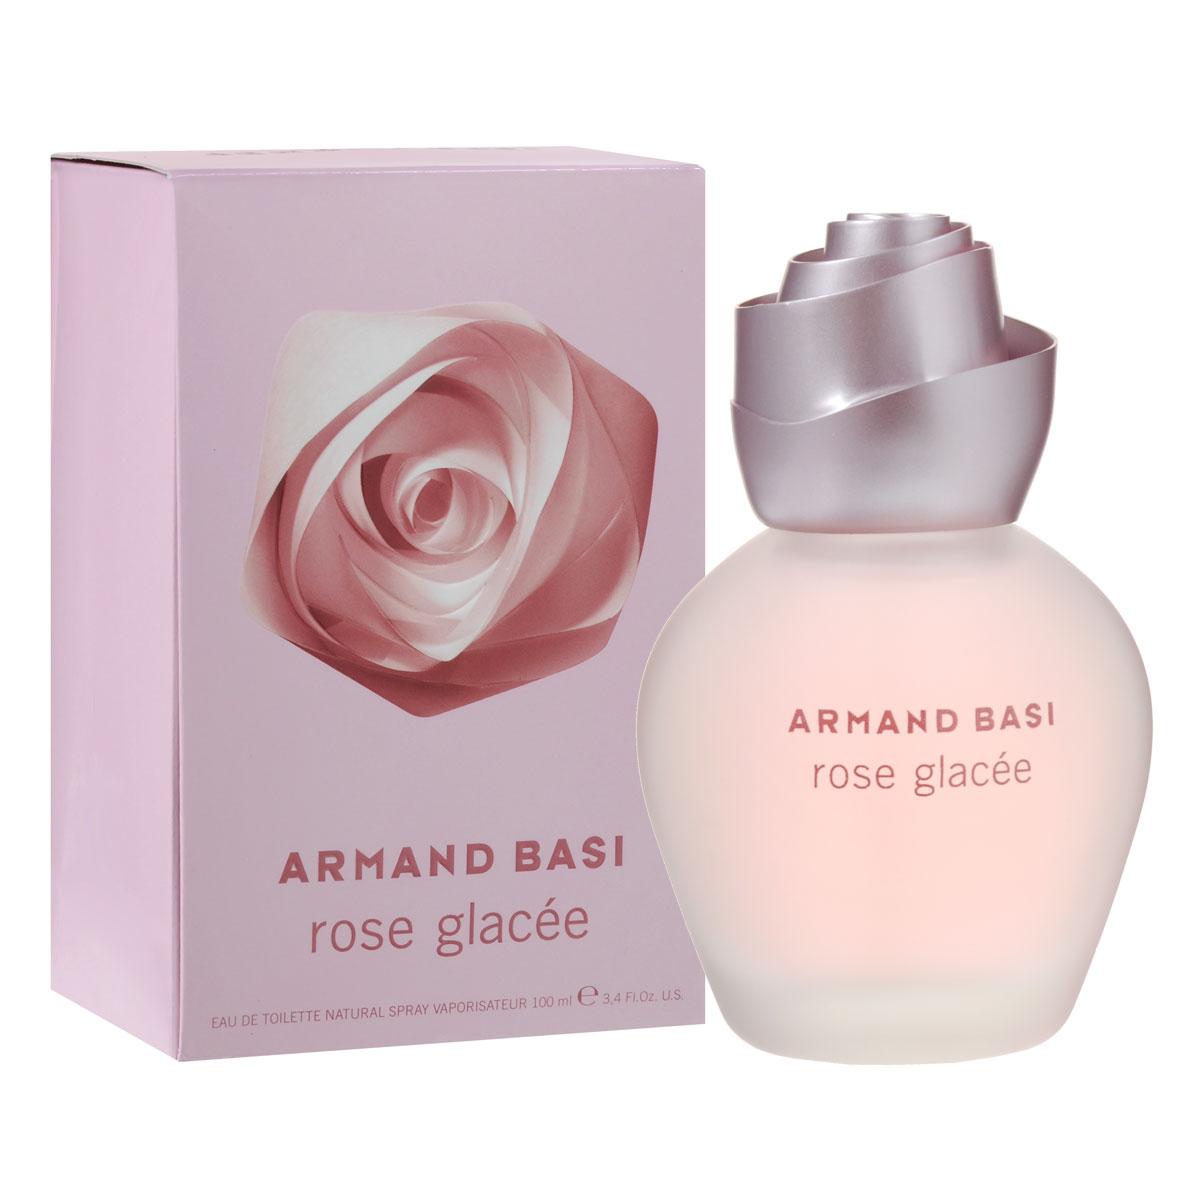 """Armand Basi Туалетная вода Rose Glacee, женская, 100 мл7517Органичная и геометричная, роза является сердцем и вдохновением нового аромата от Armand Basi, который открывает перед нами мир сущности цветка. Его концепция усовершенствована и обновлена выведением на игровое поле главного игрока - геометрии. Роза - это символ совершенства. Универсальный цветок, признанный во всем мире воплощением тайны женщины. Это самый безупречный цветок. Ее красота радует глаз; ее аромат роскошный, превосходный, пьянящий, нежно-бархатный и хрупкий. И в то же время он обманывает, бунтует и отклоняется от всех мыслимых стандартов: шипы ранят руку каждого, кто осмелится срезать розу.Glacee - французское слово, которое обозначает """"замороженный"""". Роза, закованная в ледяные цепи. Хранимая холодом, продлевающим жизнь ее красоты, она стоит непокорно и гордо. Обольстительная и прекрасная. Rose Glacee, имя нового аромата, воплощающего напряжение во внешнем проявлении. Теплая и холодная, спокойная и агрессивная, дружелюбная, но предающая, прекрасная, но эфемерная. Она совершенна в своей хрупкости, как и в своей обманности. Восхищаться ей - это испытывать обоснованную страсть к ее совершенству. Armand Basi Rose Glacee - это туманное очертание розы на закате. Свежесть, смешанная с нетерпением. Совершенство, замороженное во времени. Холод, что стимулирует и пробуждает. Форма спирали, что выбрасывается вперед. Завуалированный предмет удовольствия, словно обещание на будущее. Жажда жизни. Интенсивность молодости. Тайна, что постепенно раскрывается. Неудержимая и первобытная радость бытия.Классификация аромата: цветочный.Пирамида аромата:Верхние ноты: зеленое яблоко, грейпфрут, лимон.Ноты сердца: роза Пьяже, корица, абрикосовый нектар.Ноты шлейфа: светлое дерево, амбра, мускус.Ключевые словаСвежий, морозный, таинственный!Туалетная вода - один из самых популярных видов парфюмерной продукции. Туалетная вода содержит 4-10%парфюмерного экстракта. Главные достоинства данного типа продукции заключаются в дос"""